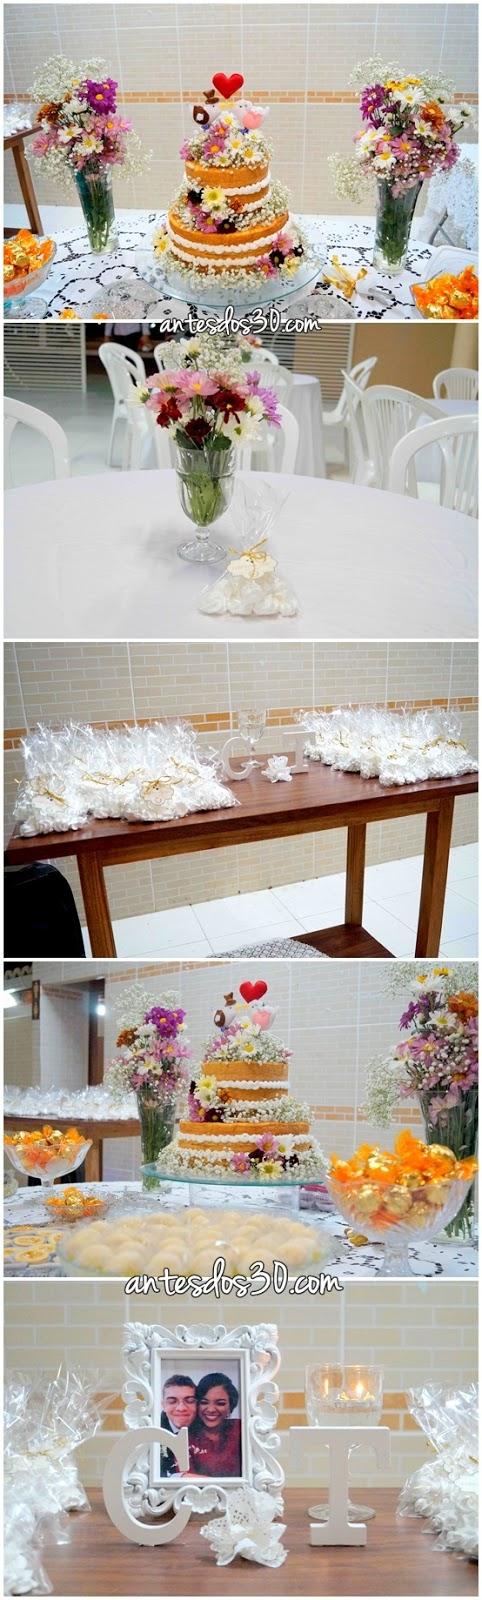 noiva wedding inspiração